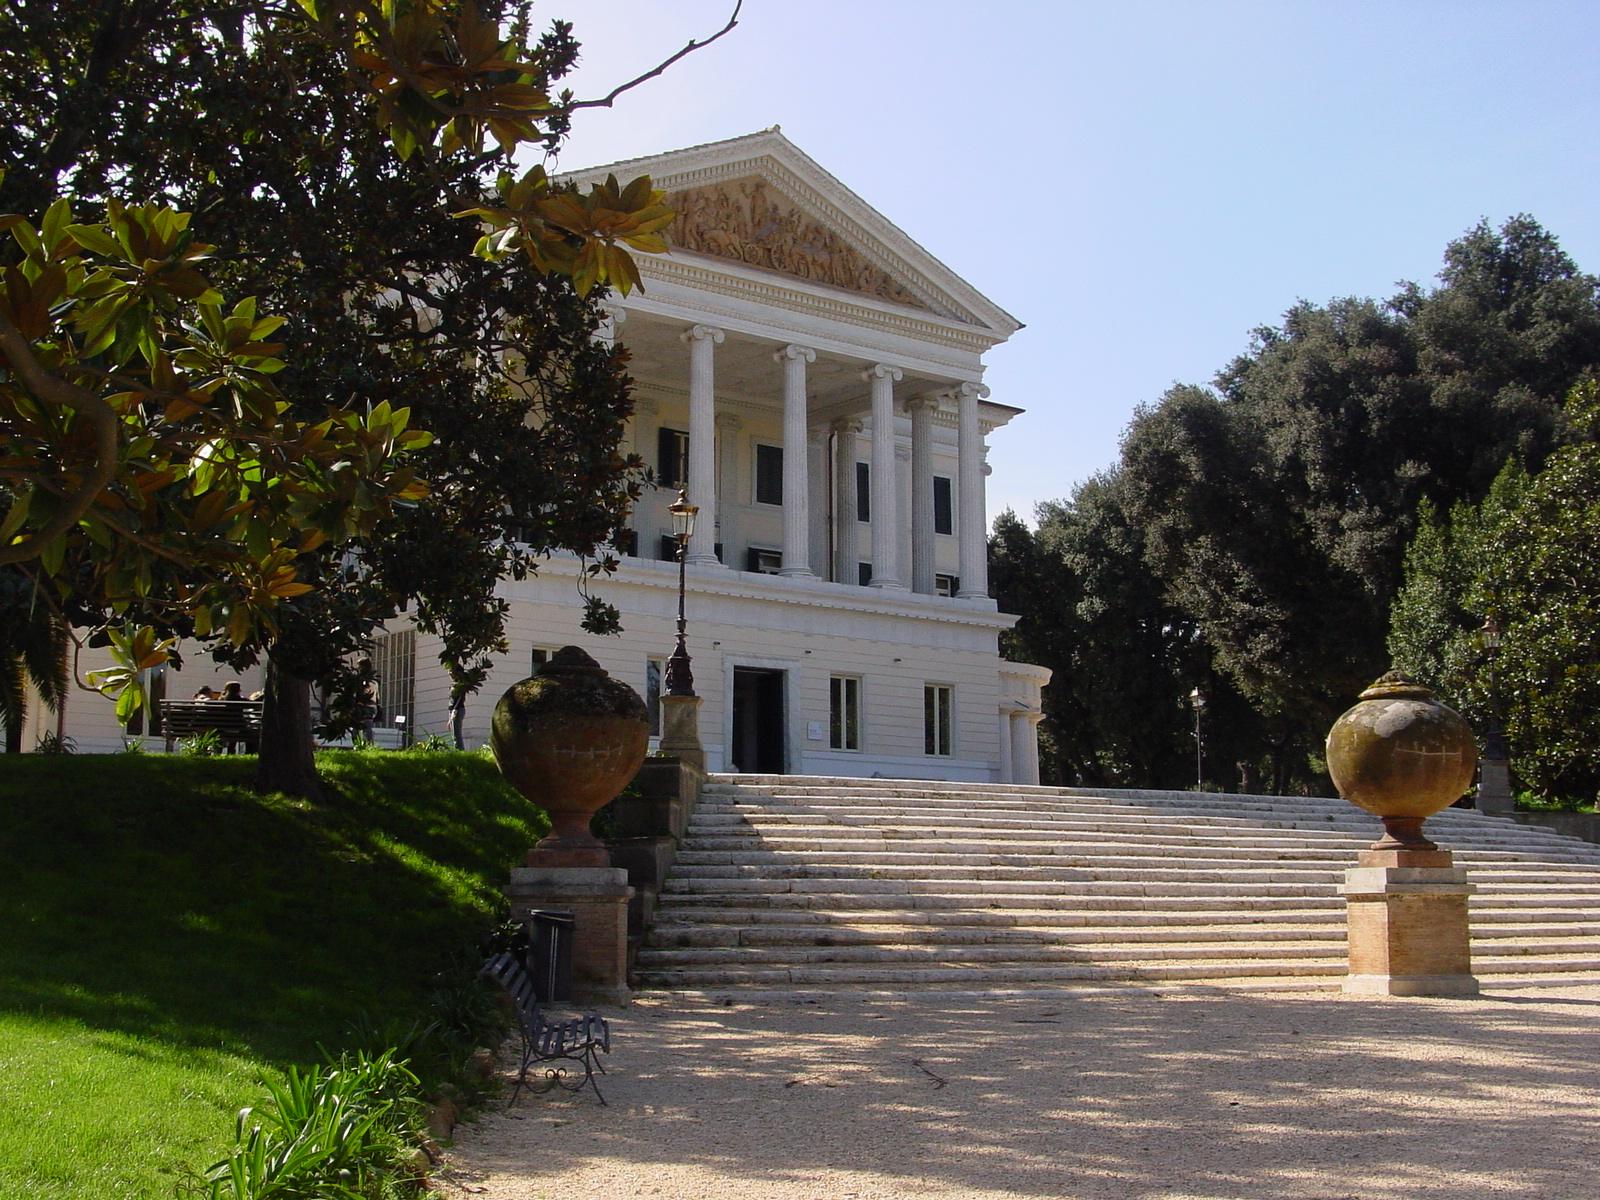 Musei Di Villa Torlonia Roma En Fran Ef Bf Bdais